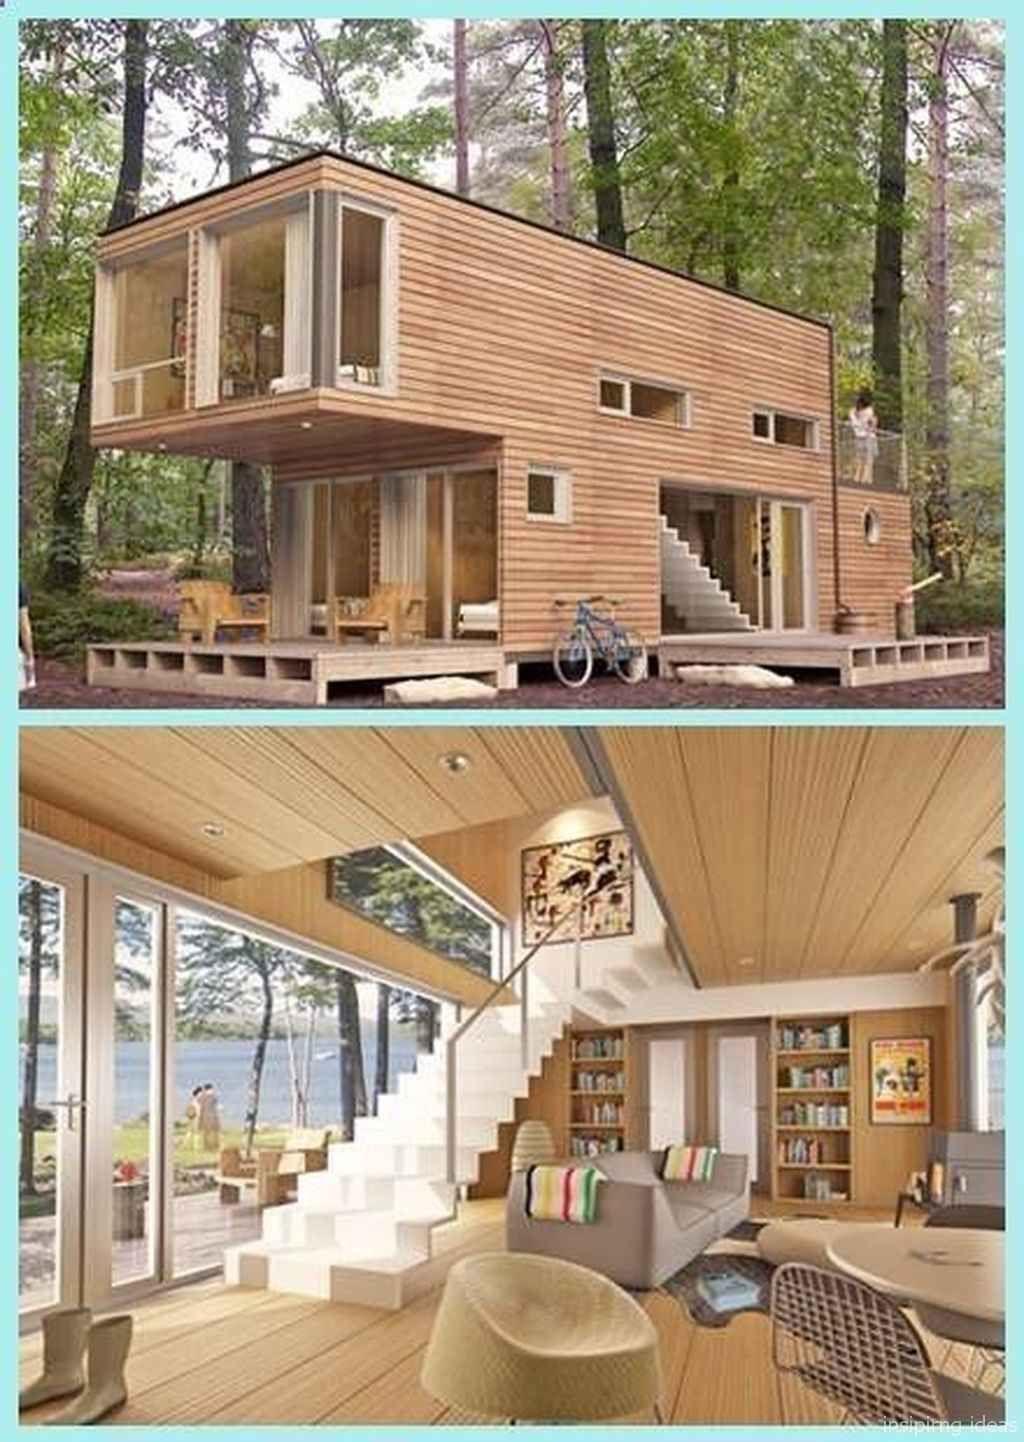 01 Genius Container House Design Ideas Building A Container Home Tiny House Design Container House Design